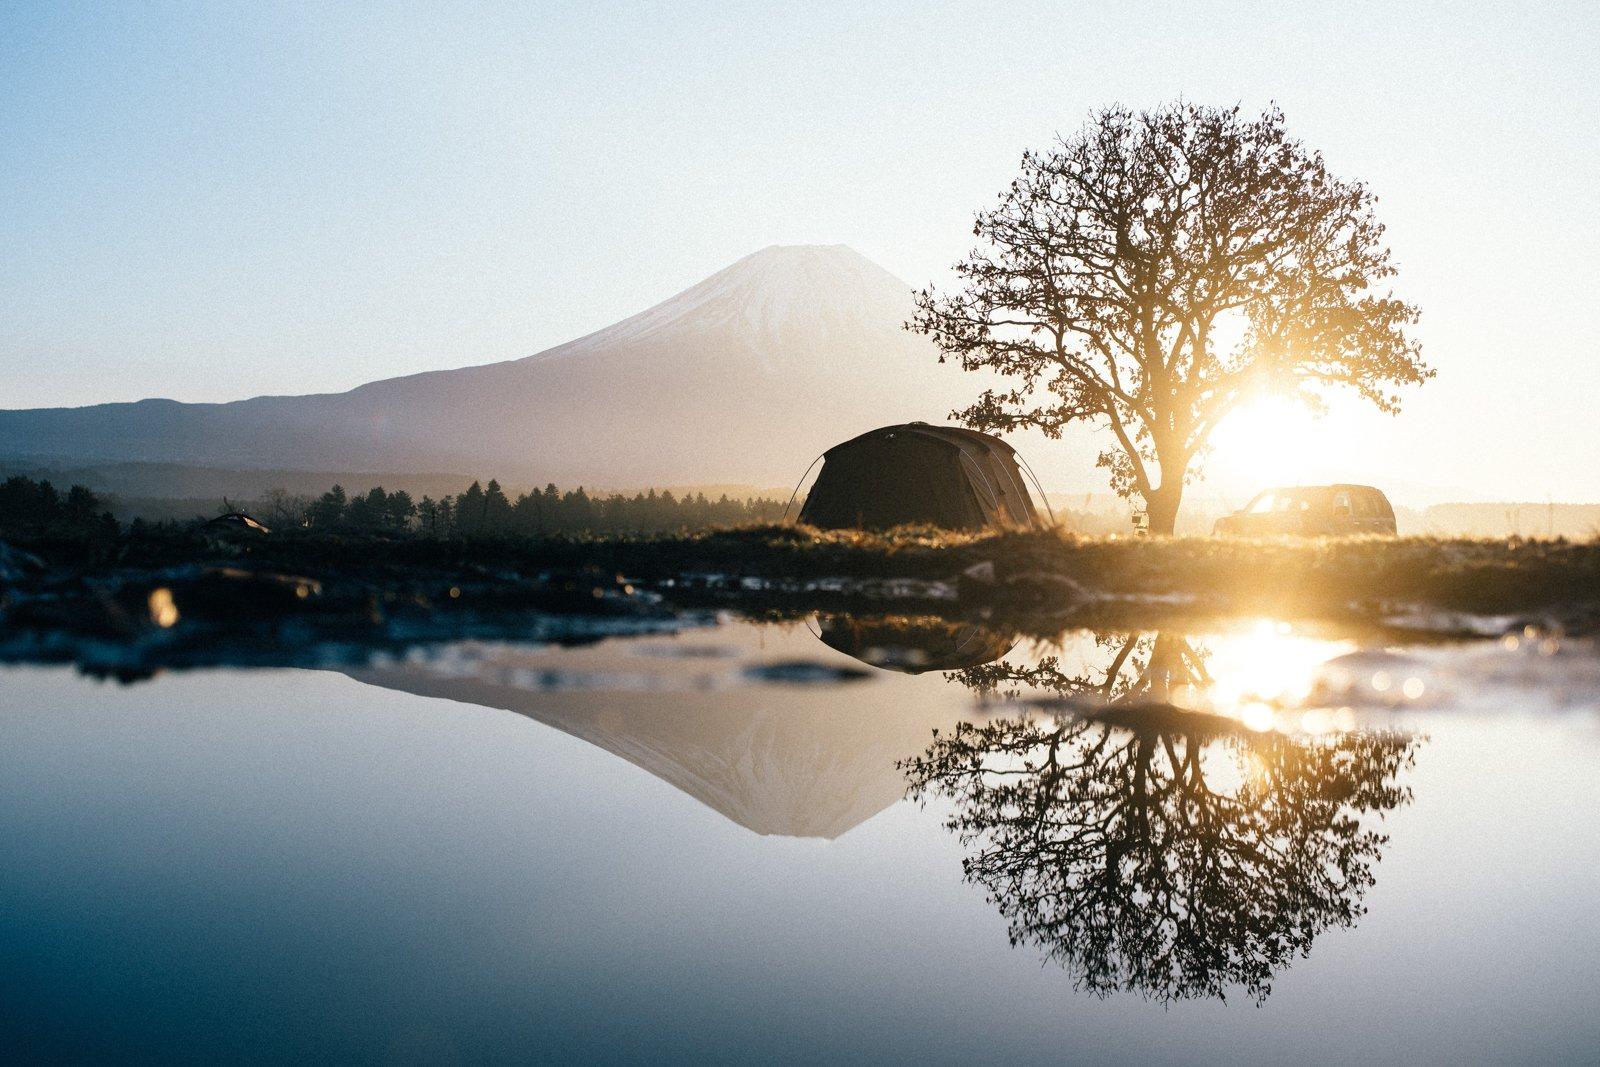 Een van de mooiste campings in Japan waar je kunt kamperen, met Mount Fuji op de achtergrond